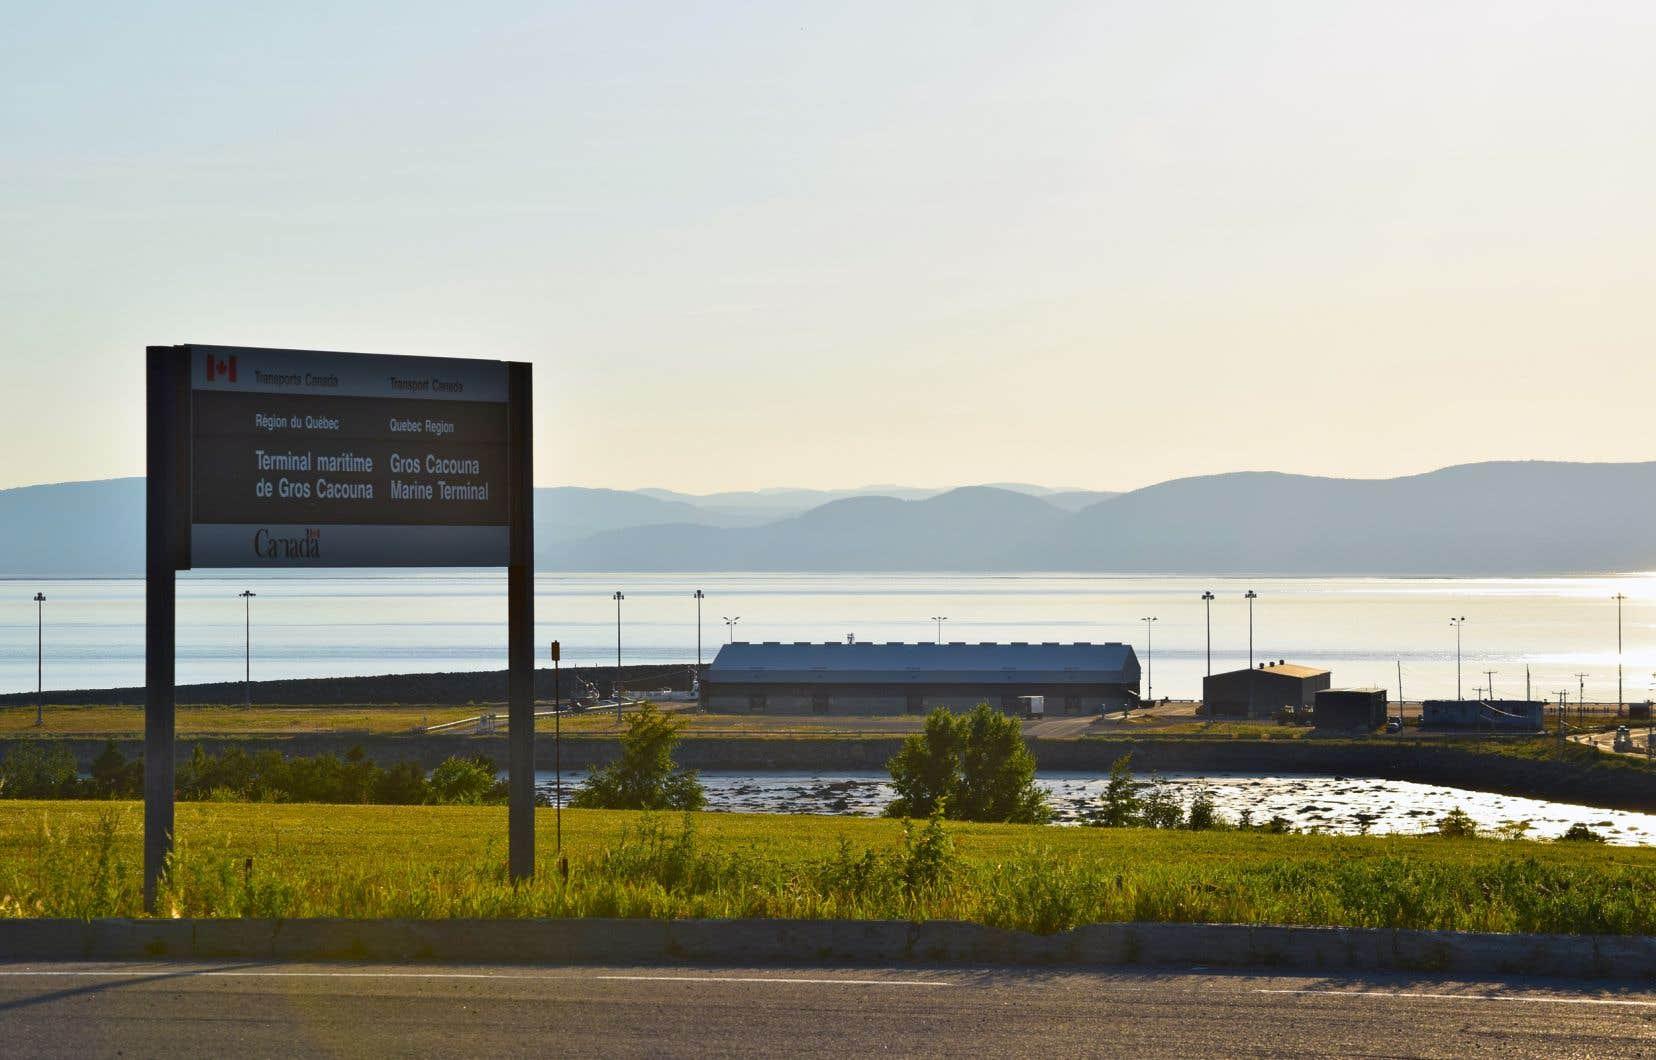 Le gouvernement du Québec deviendra propriétaire du port de Cacouna, qui avait été au coeur de la saga pétrolière du projet de pipeline Énergie Est.